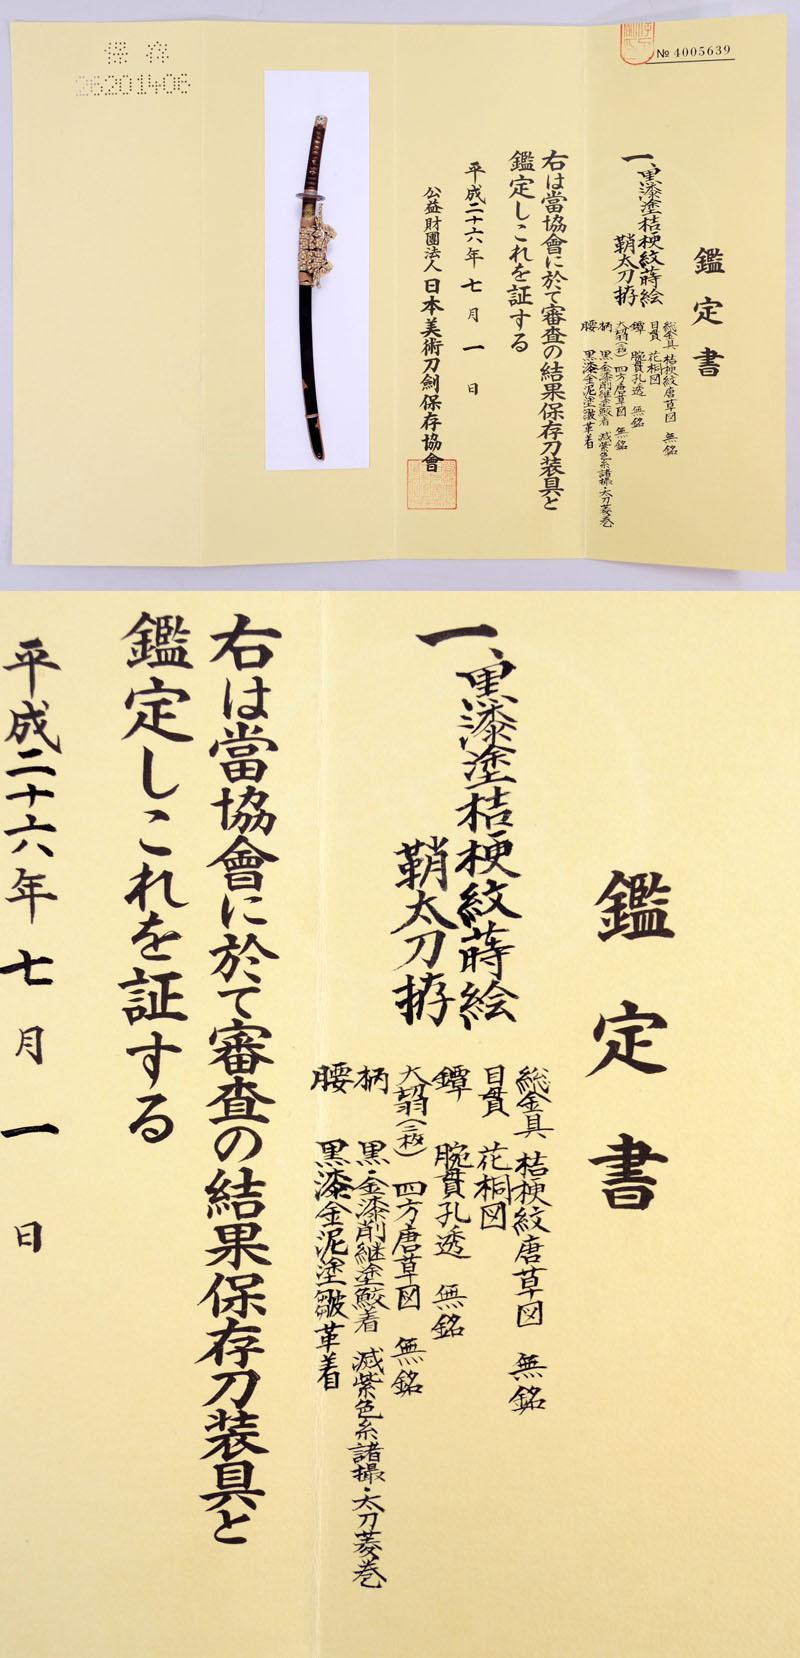 黒漆塗桔梗紋蒔絵鞘太刀拵 Picture of Certificate